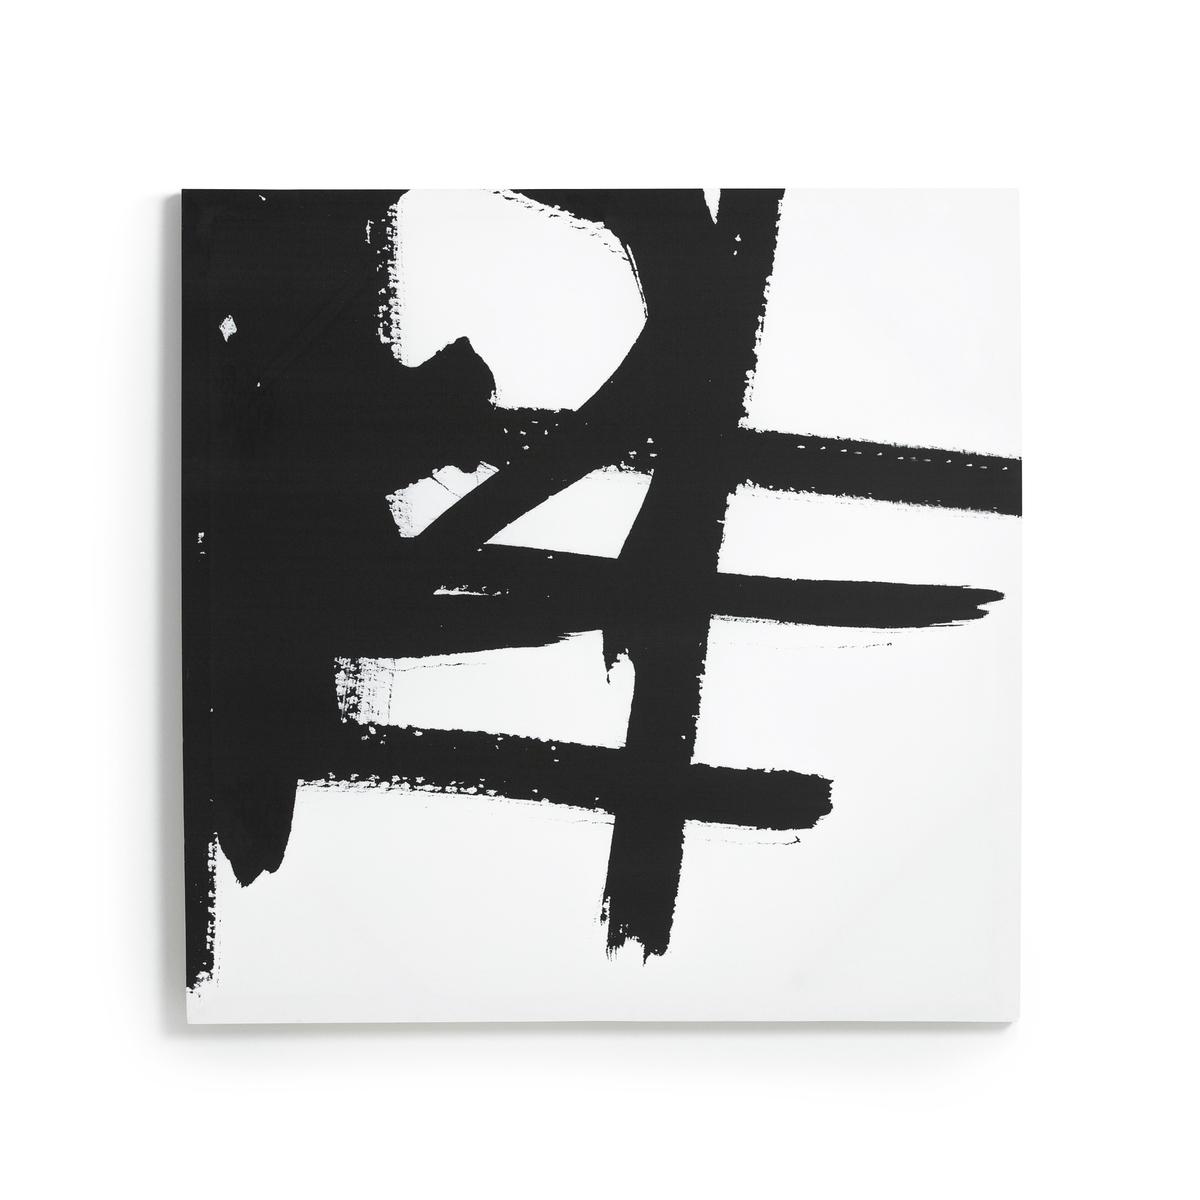 Картина, размер 2, DystilaРисунок на канве Dystila. Абстрактный черно-белый рисунок сочетается с рисунком 1 Dystila, продающимся на нашем сайте. 2 крючка для крепления к стене (болты и дюбели в комплект не входят). Размеры : Ш80 x В80 см.<br><br>Цвет: черный/ белый